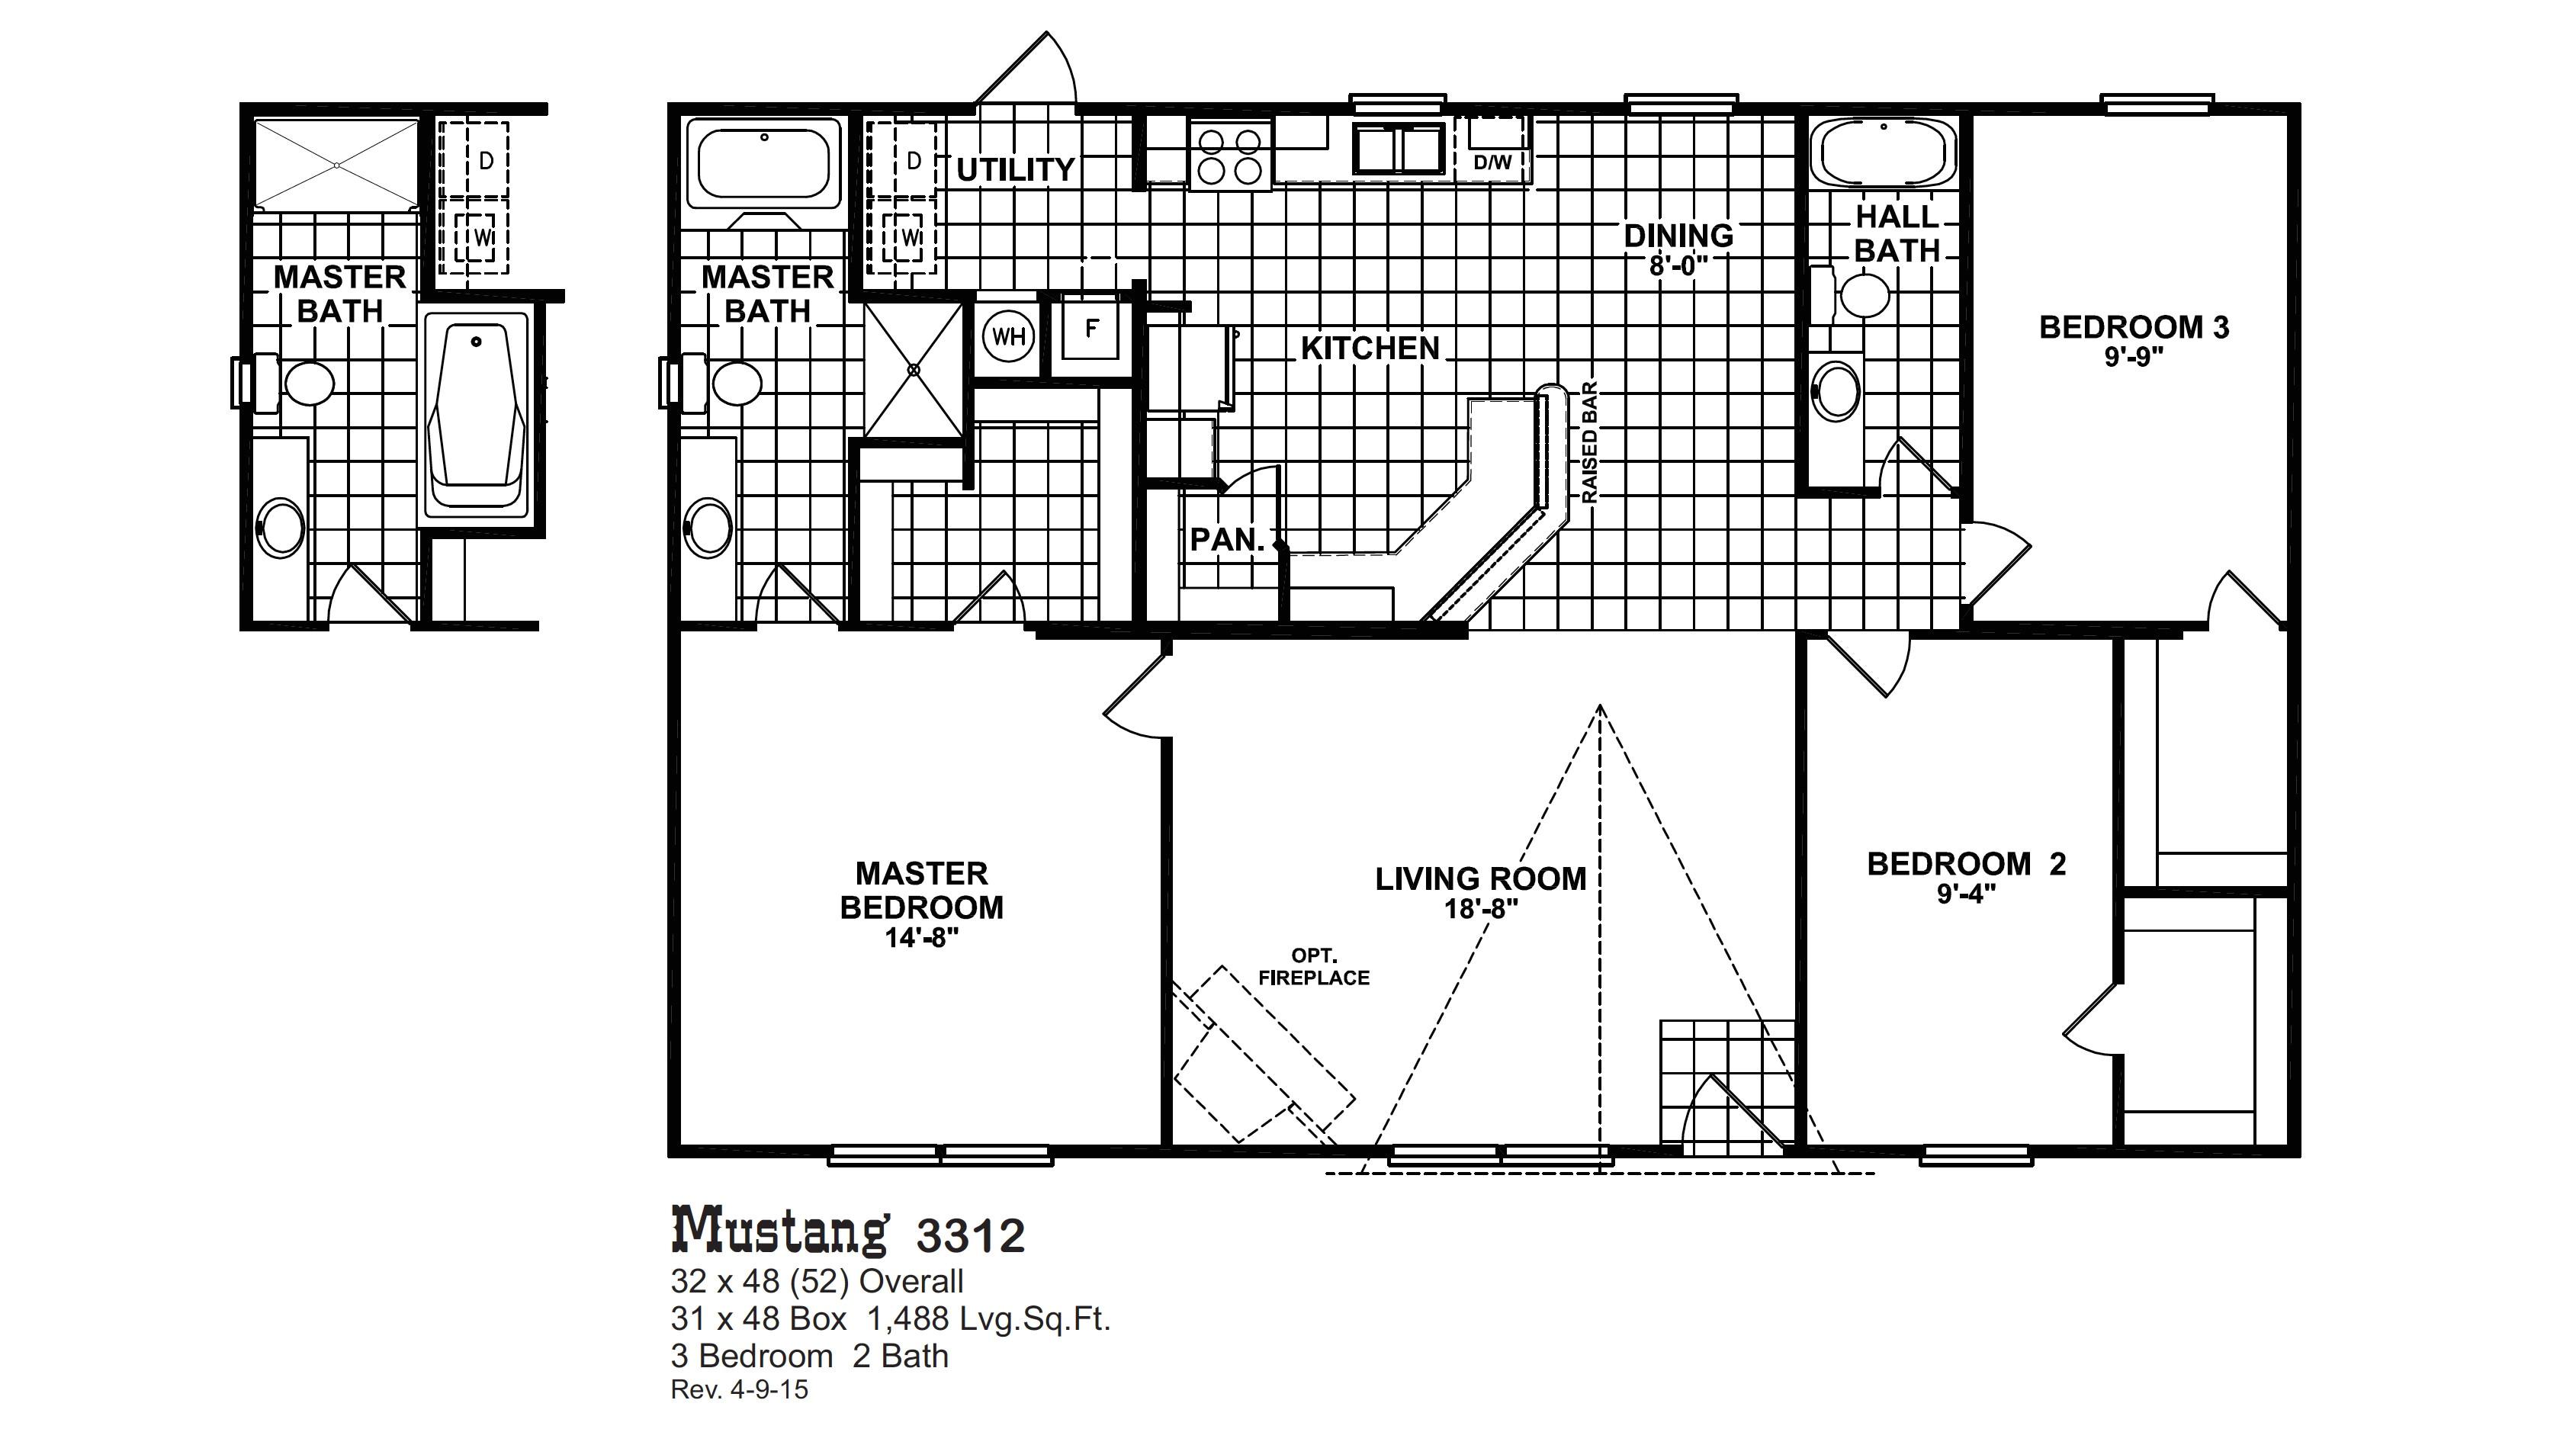 oak creek homes floor plans inspirational master bedroom suite floor plans 32 x 24 22 unique